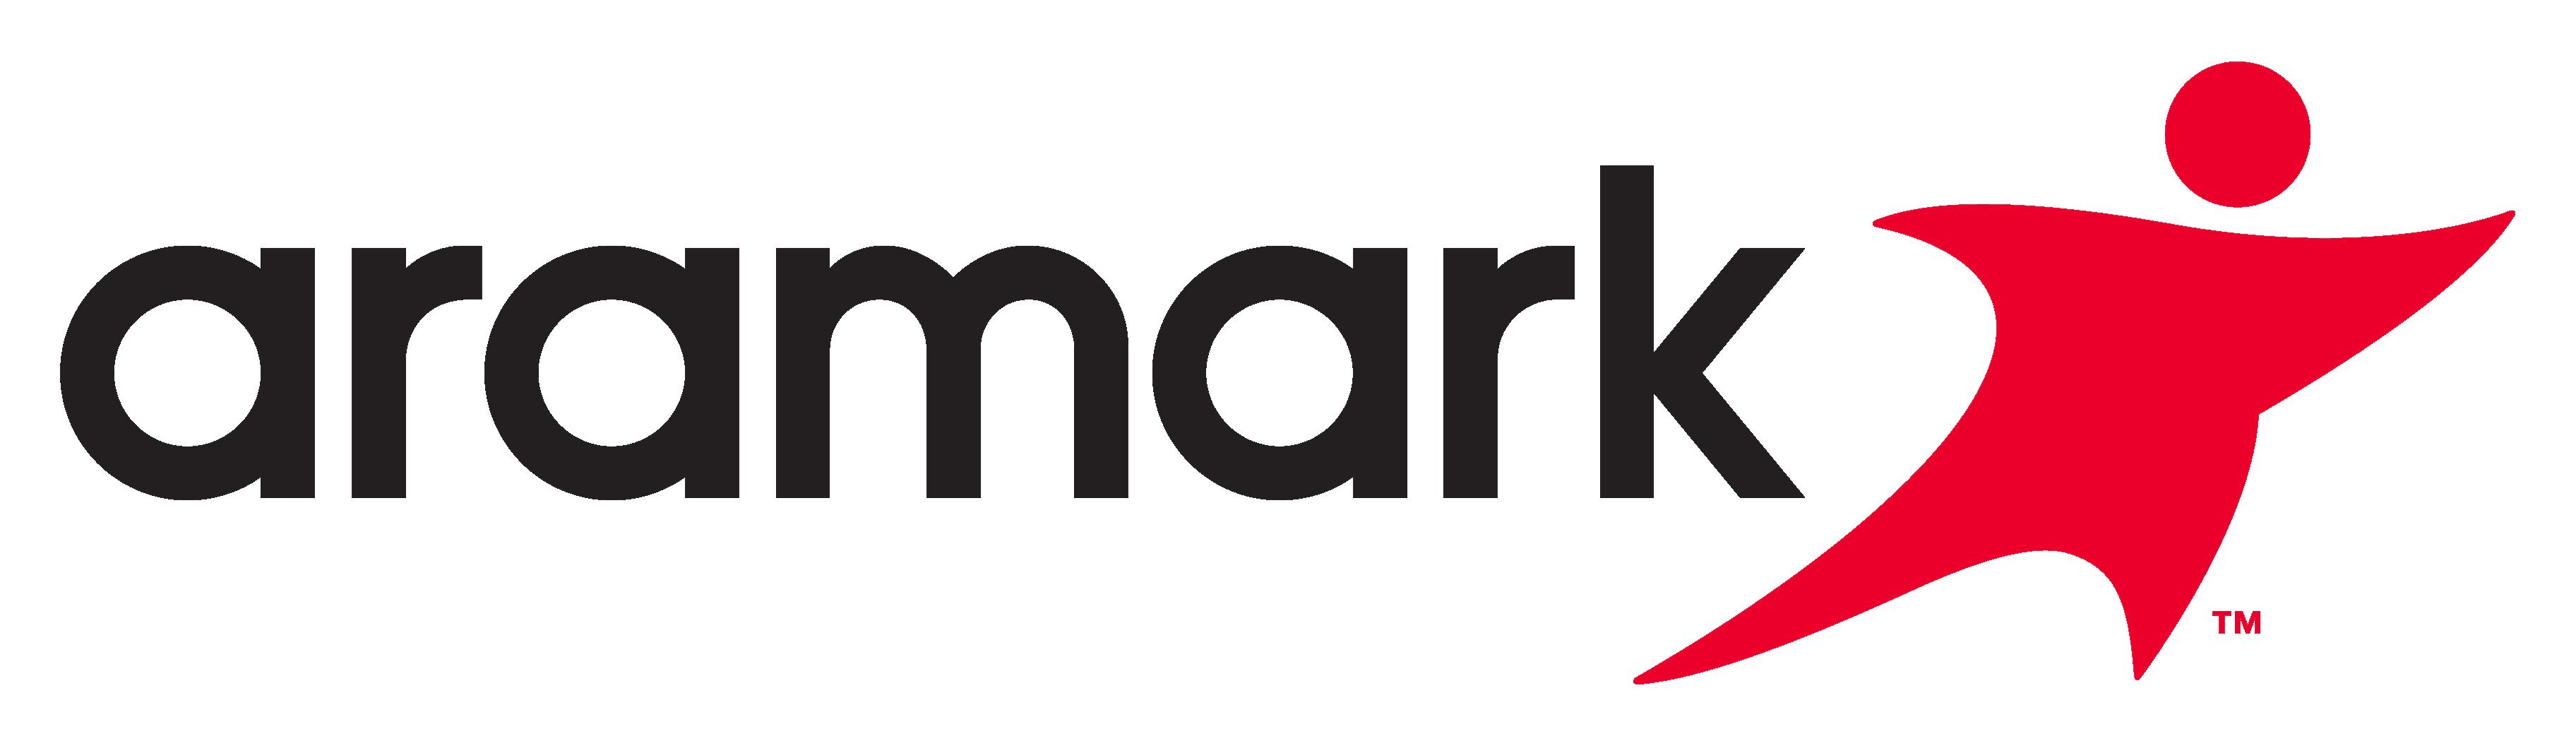 Aramark Logo PNG Image.